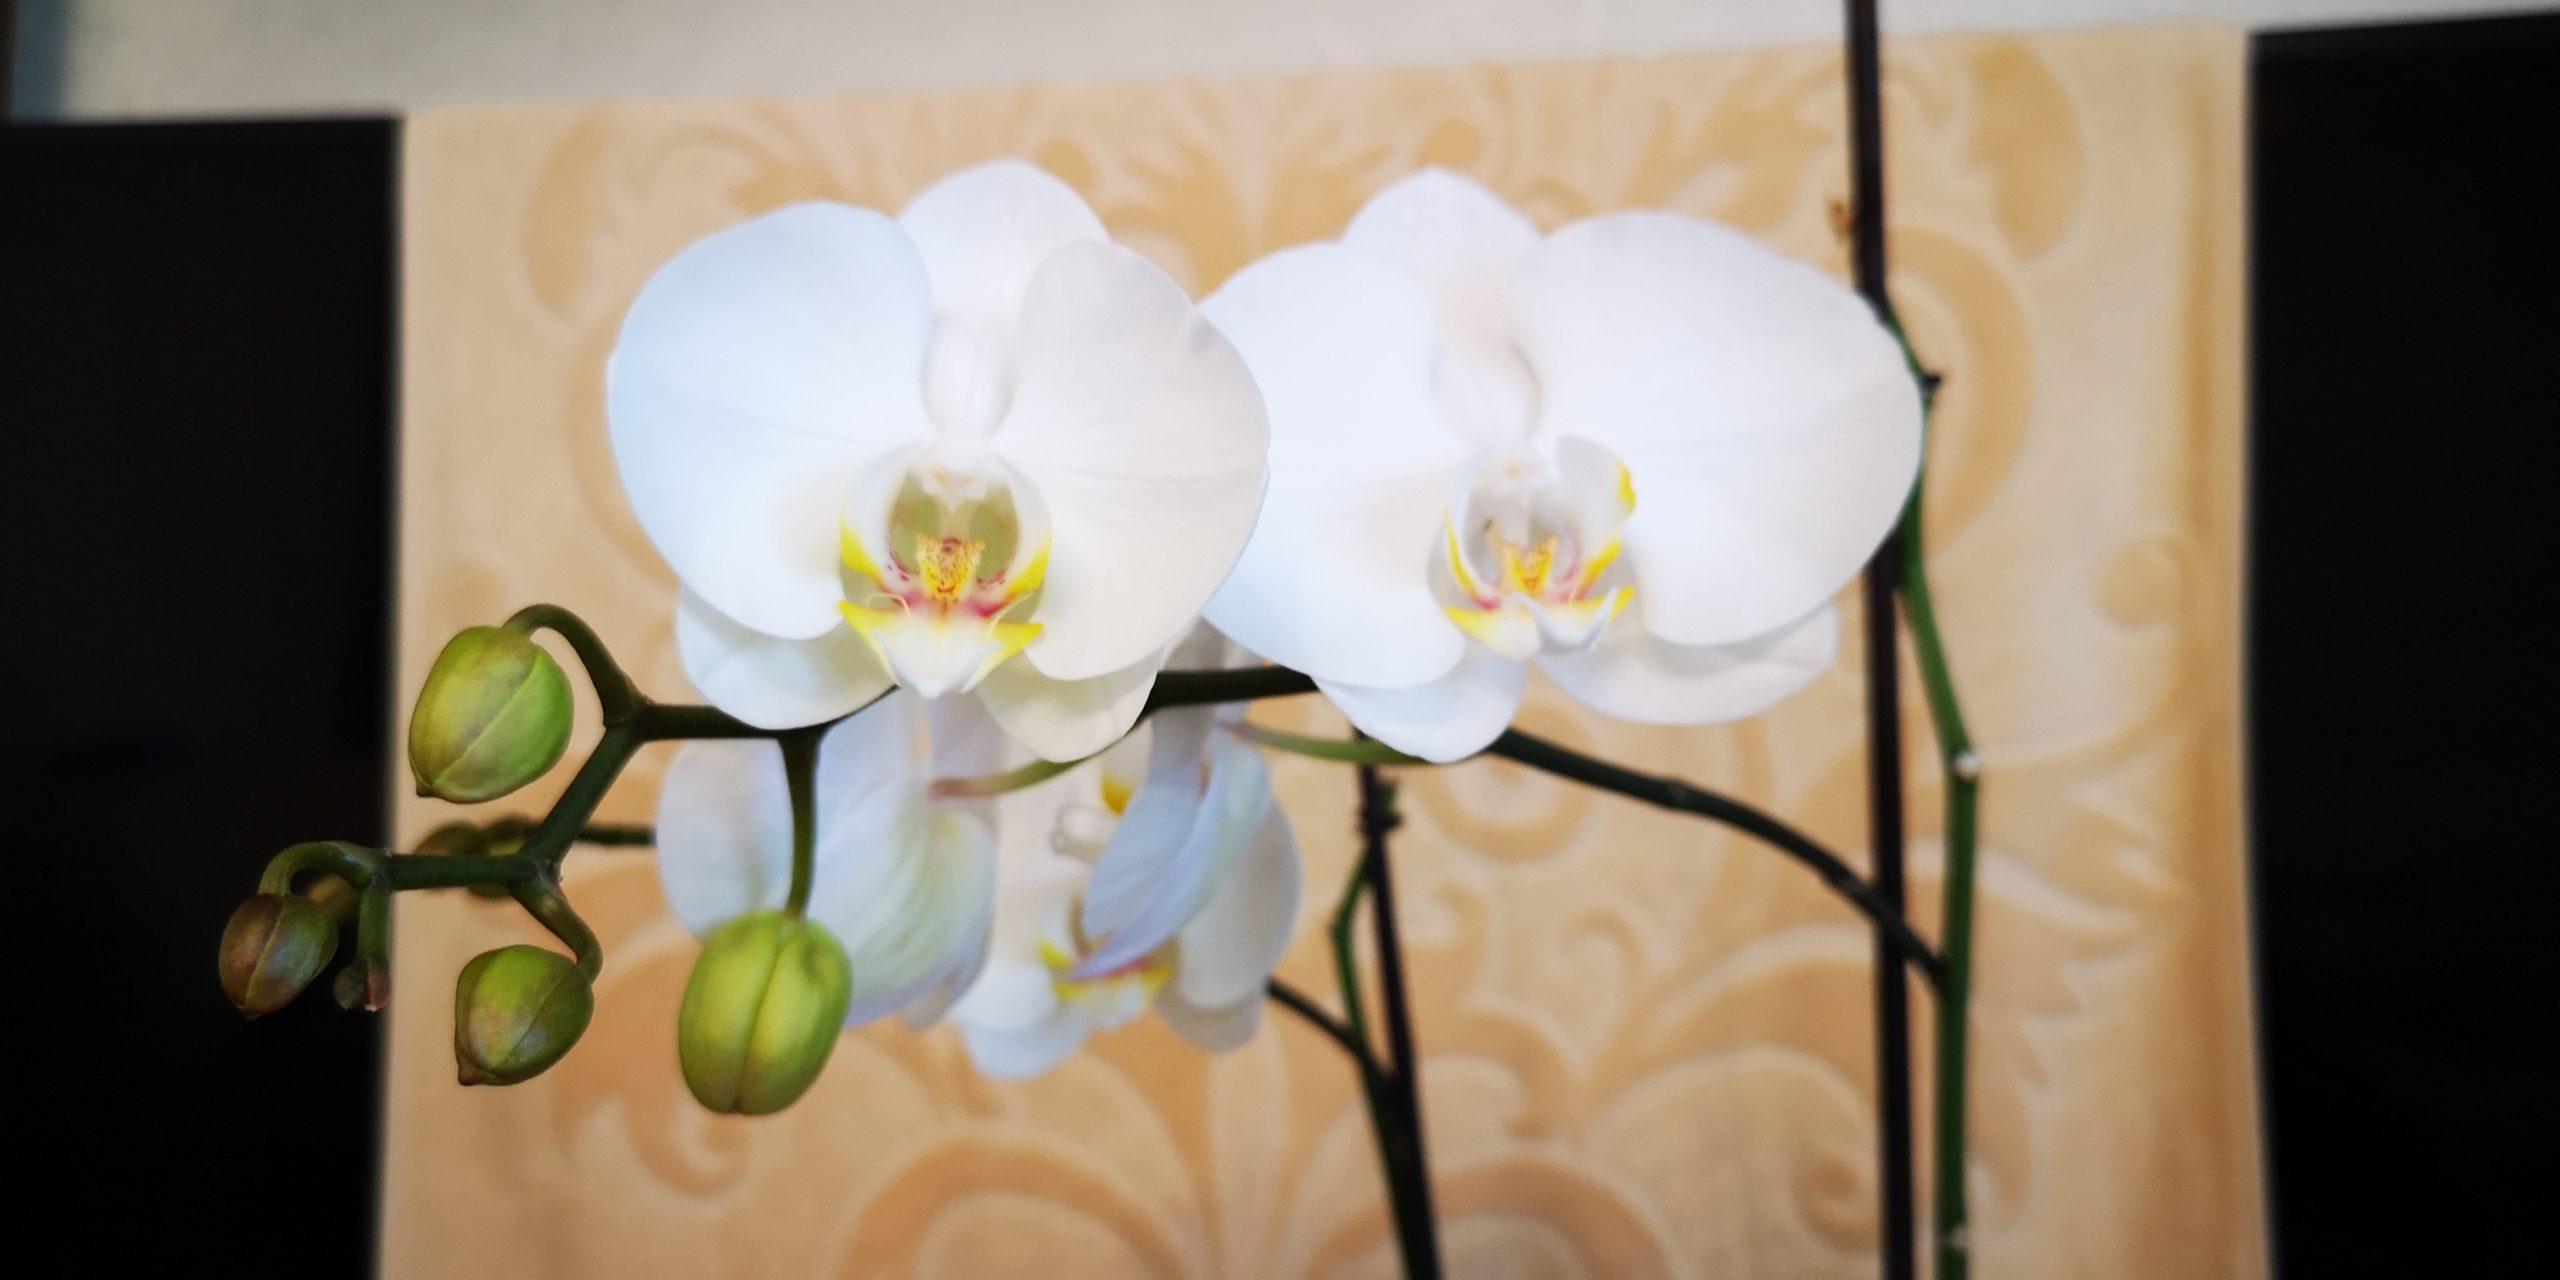 Выращивание орхидеи в домашних условиях.